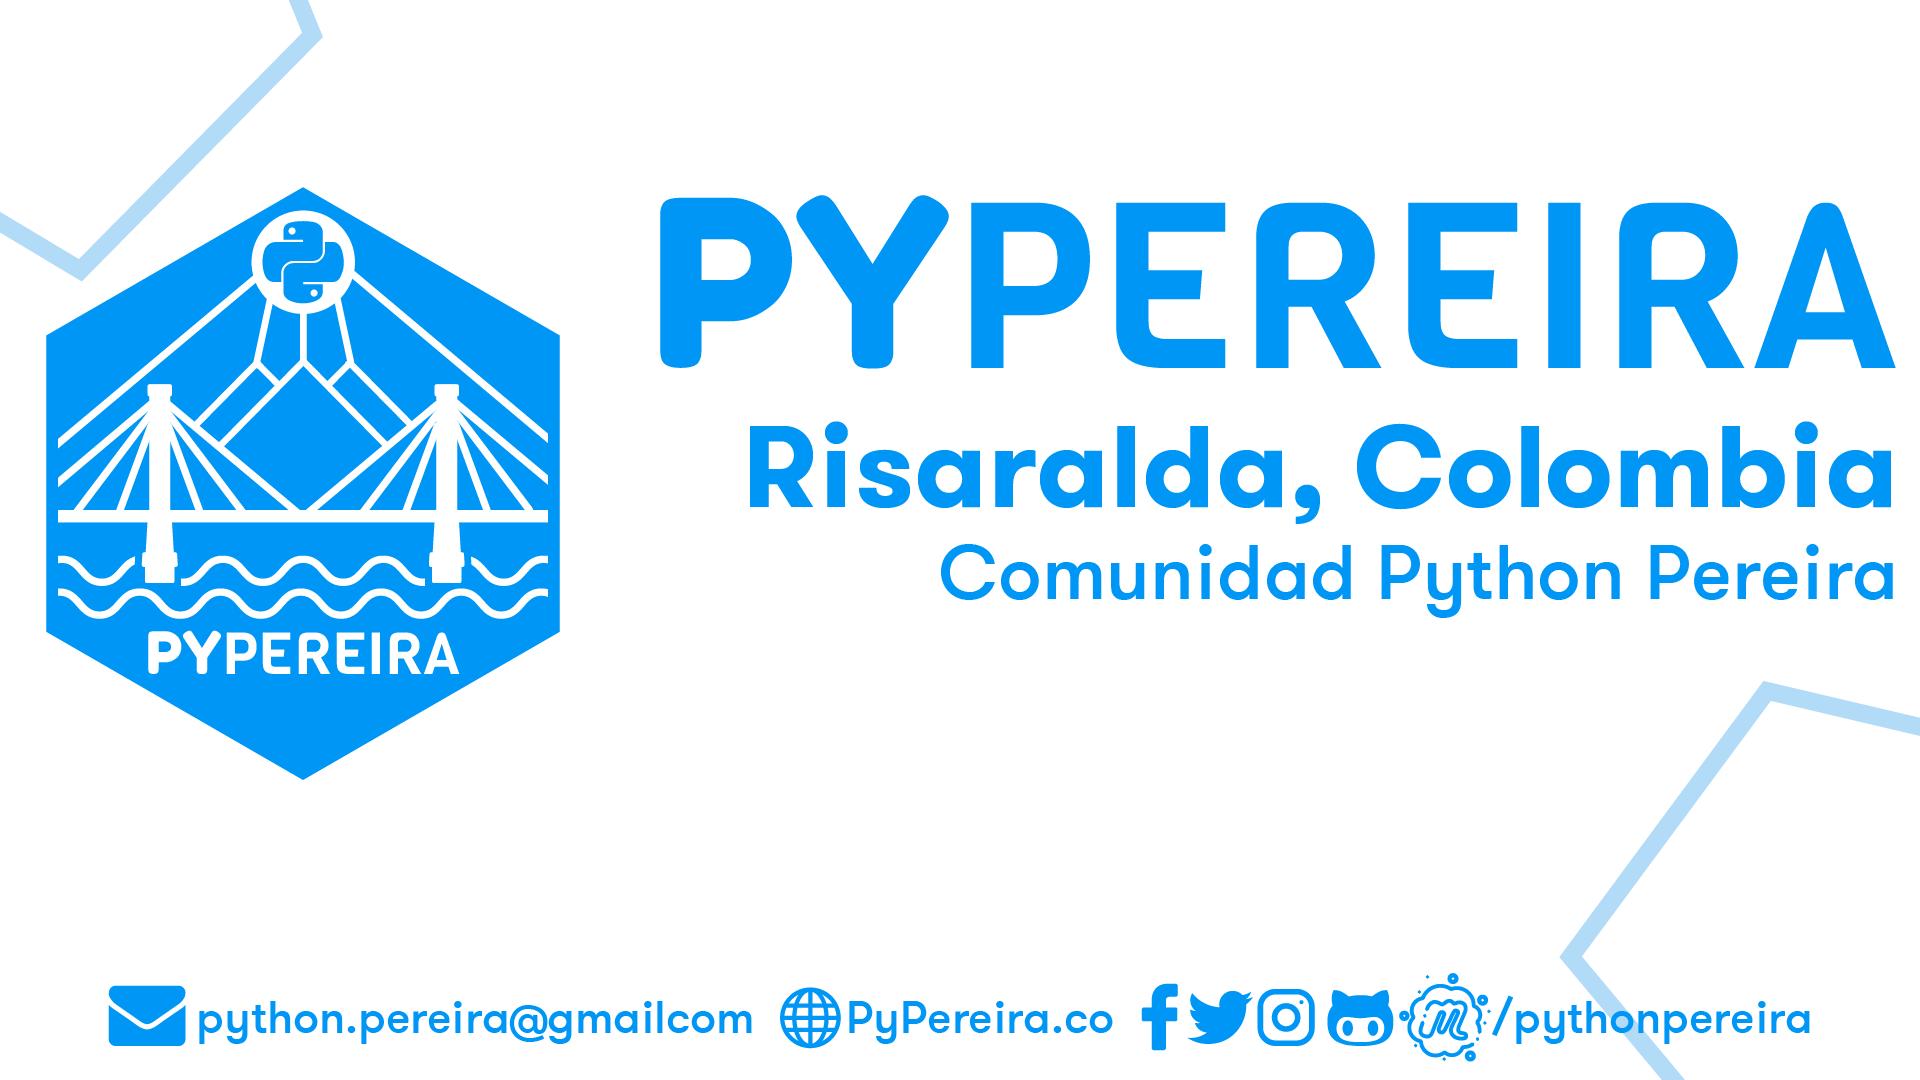 Python Pereira - PyPereira